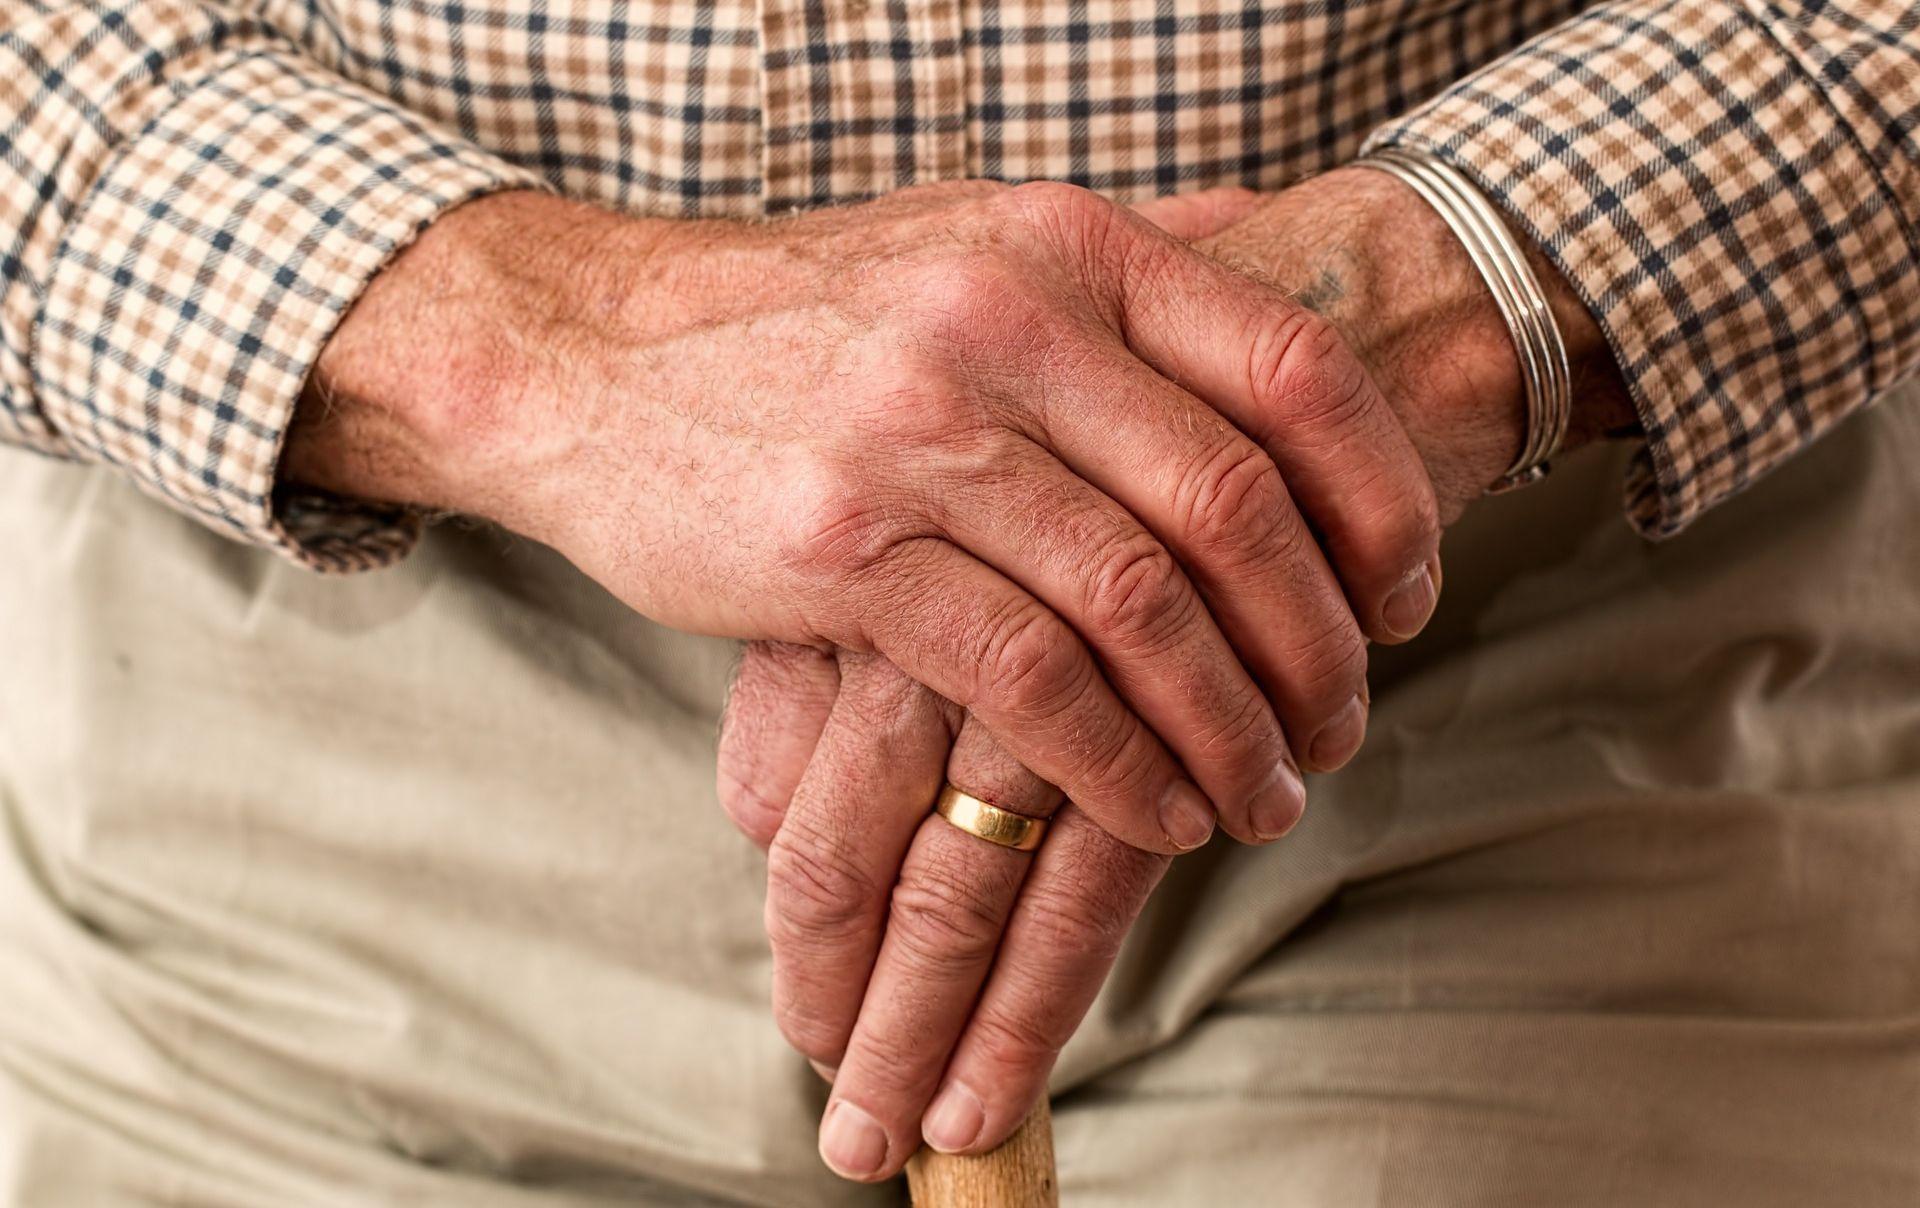 Alzheimer in Italia: casistica e gestione del fenomeno nel nostro Paese